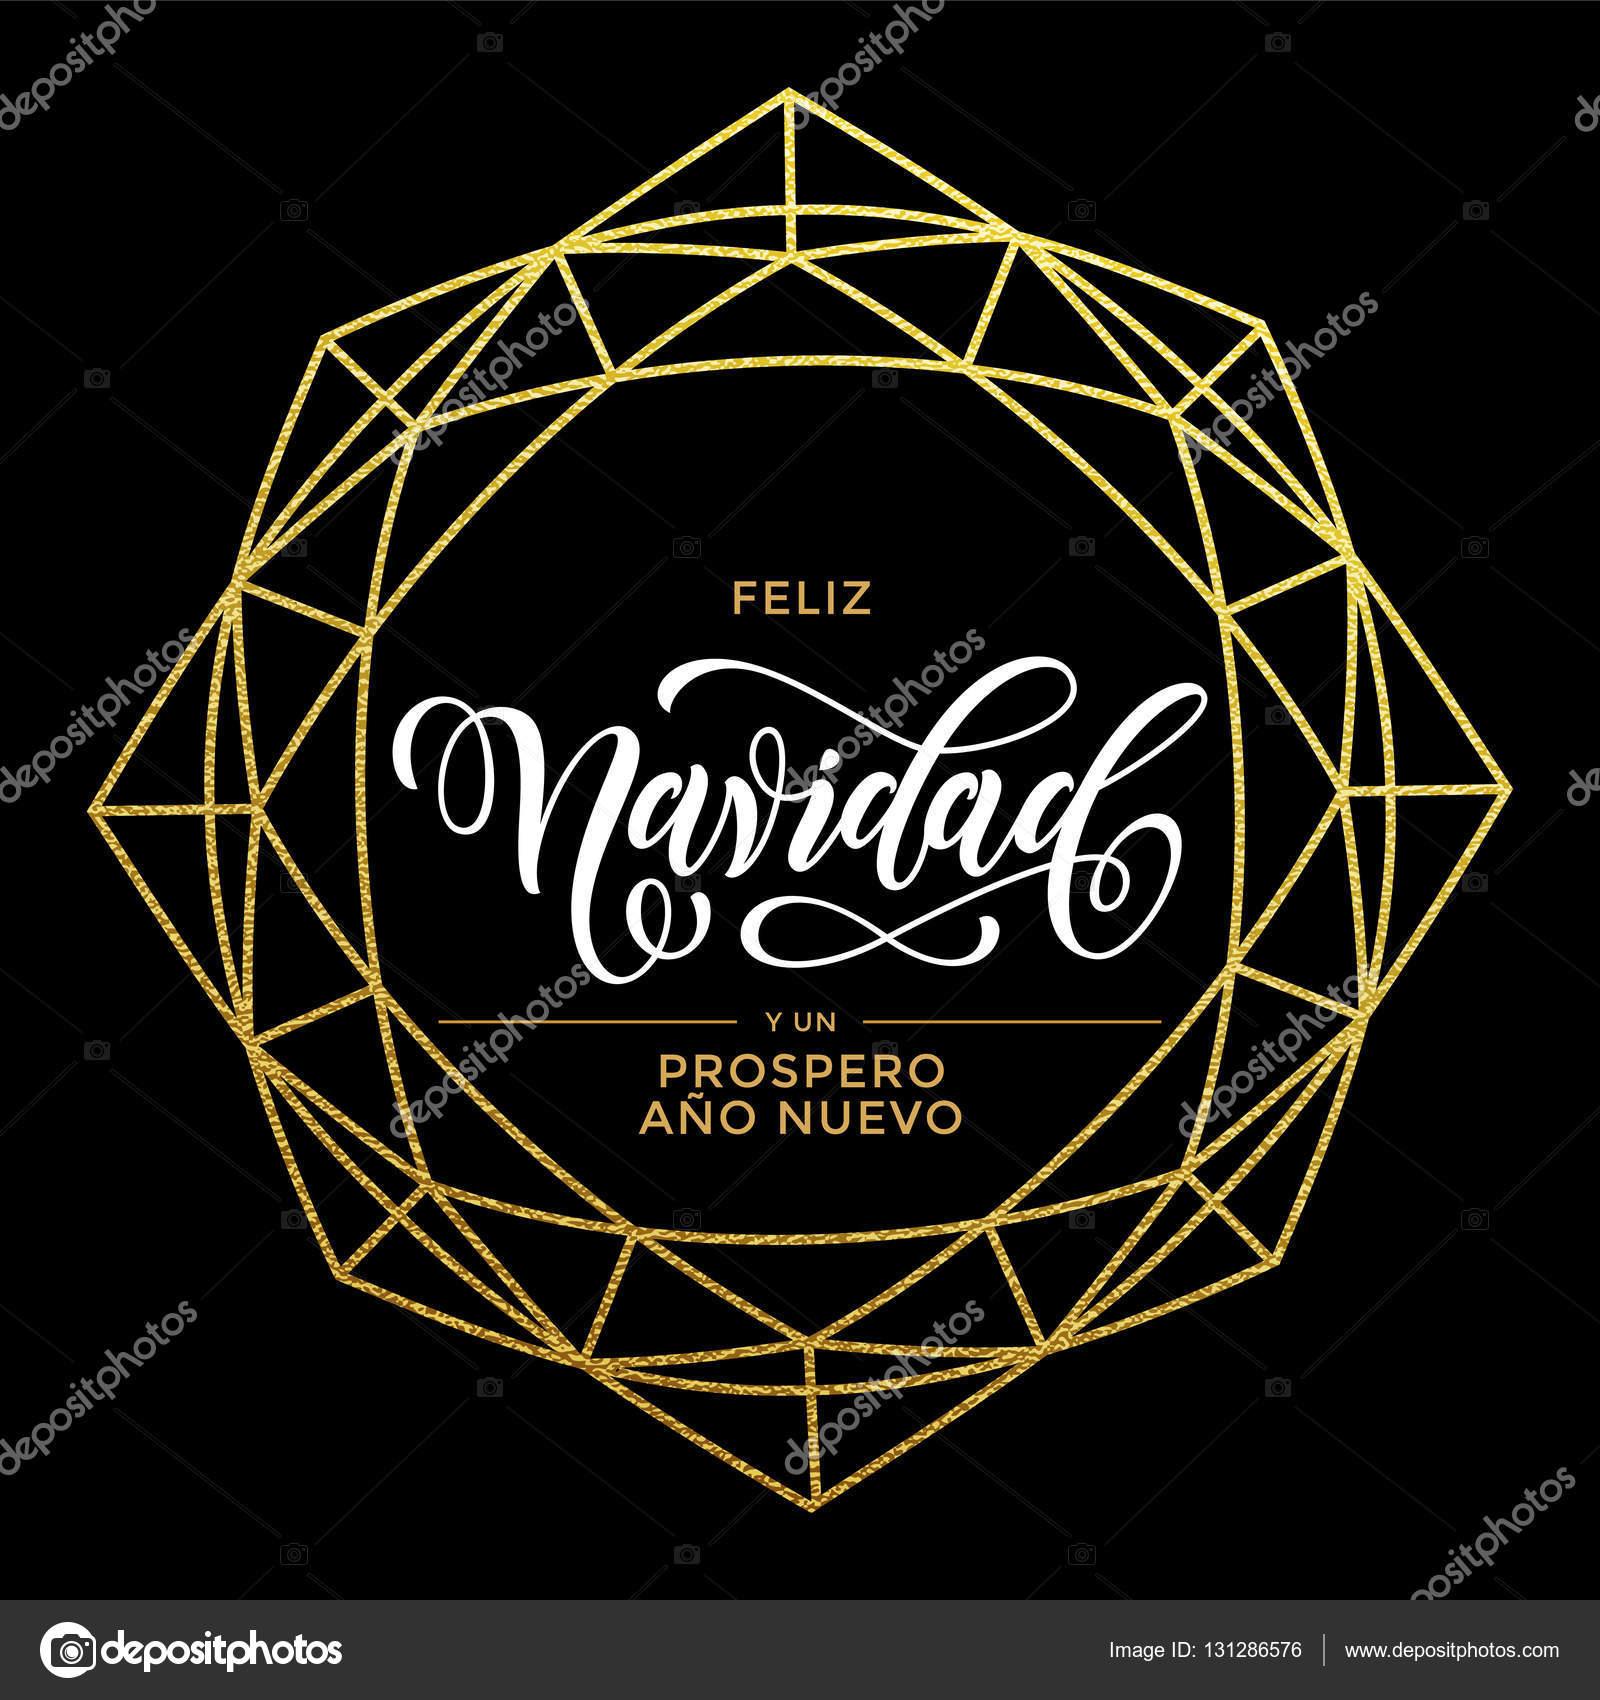 Feliz navidad spanish christmas greeting card ornament stock feliz navidad spanish christmas greeting card ornament stock vector m4hsunfo